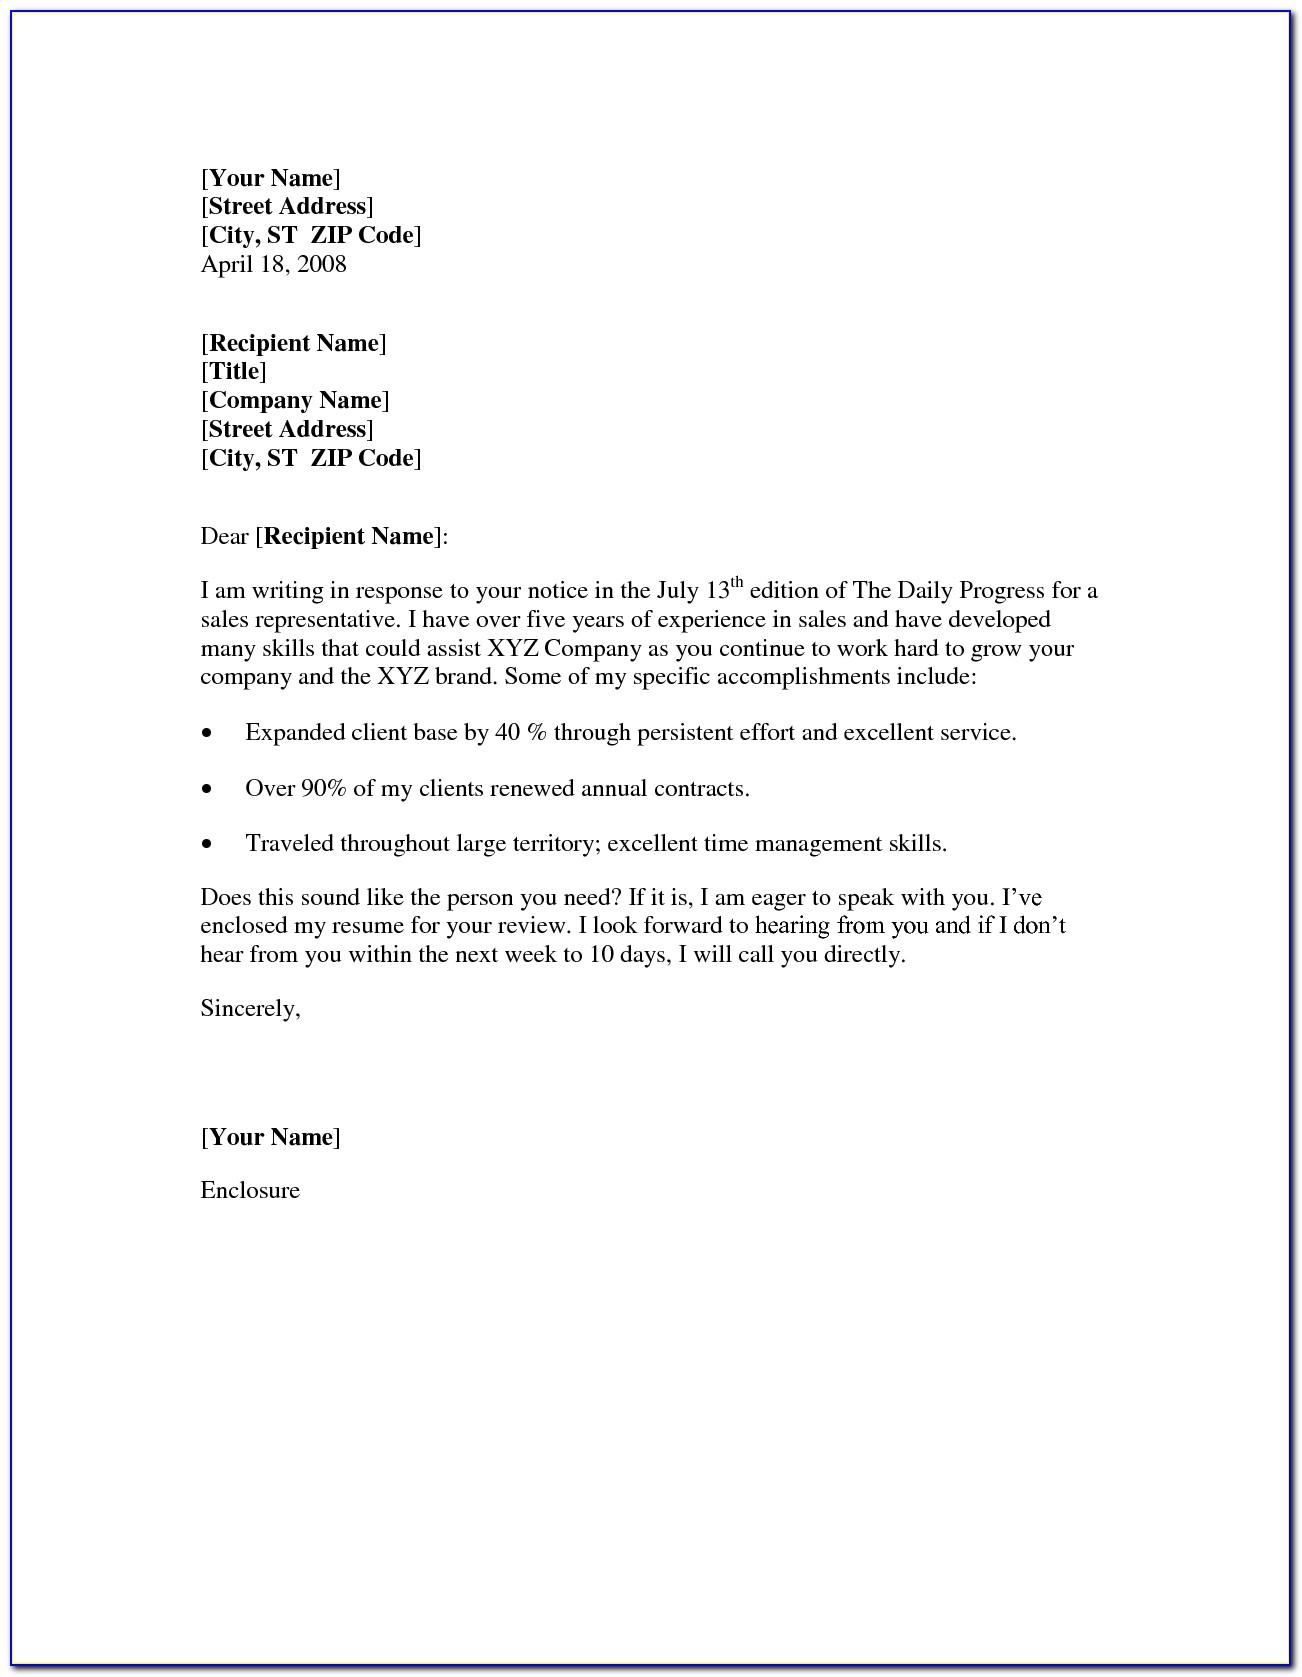 Sample Teacher Resume And Cover Letter